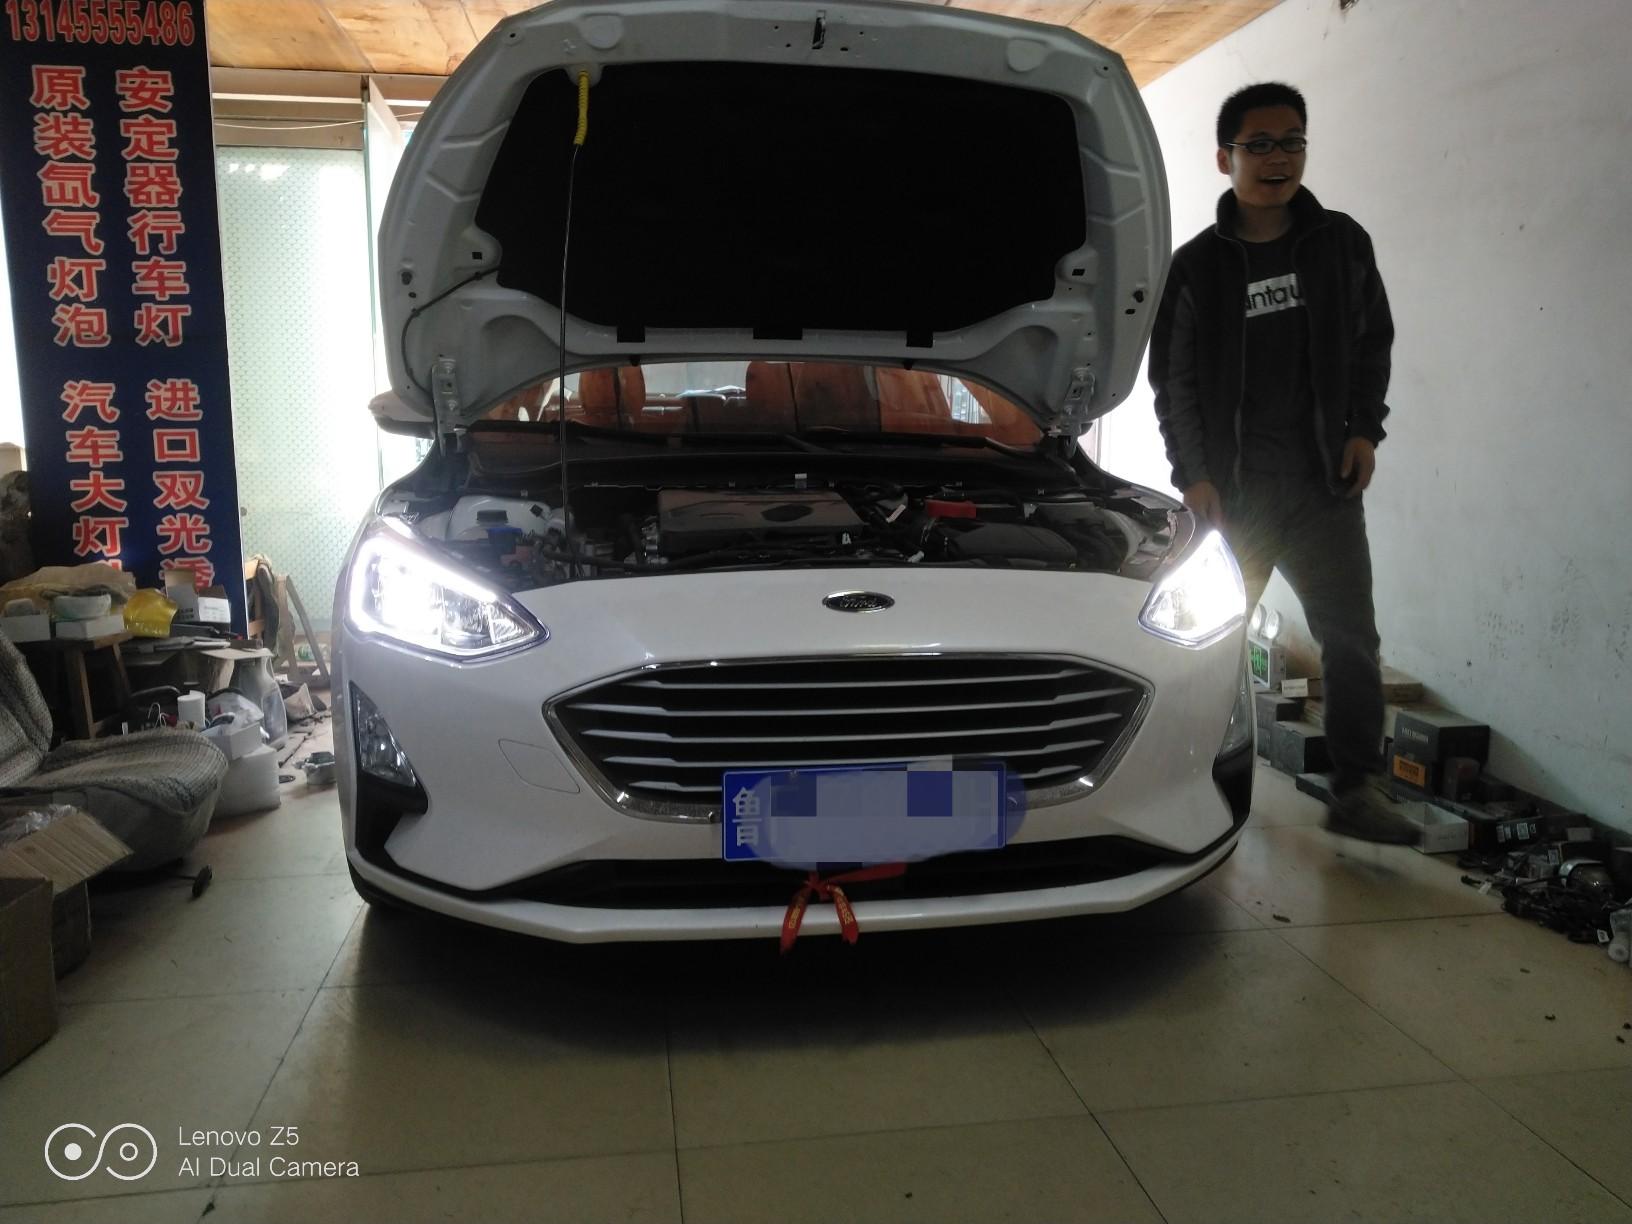 福克斯提车用车感受4993 作者:欧阳佳俊 帖子ID:3039